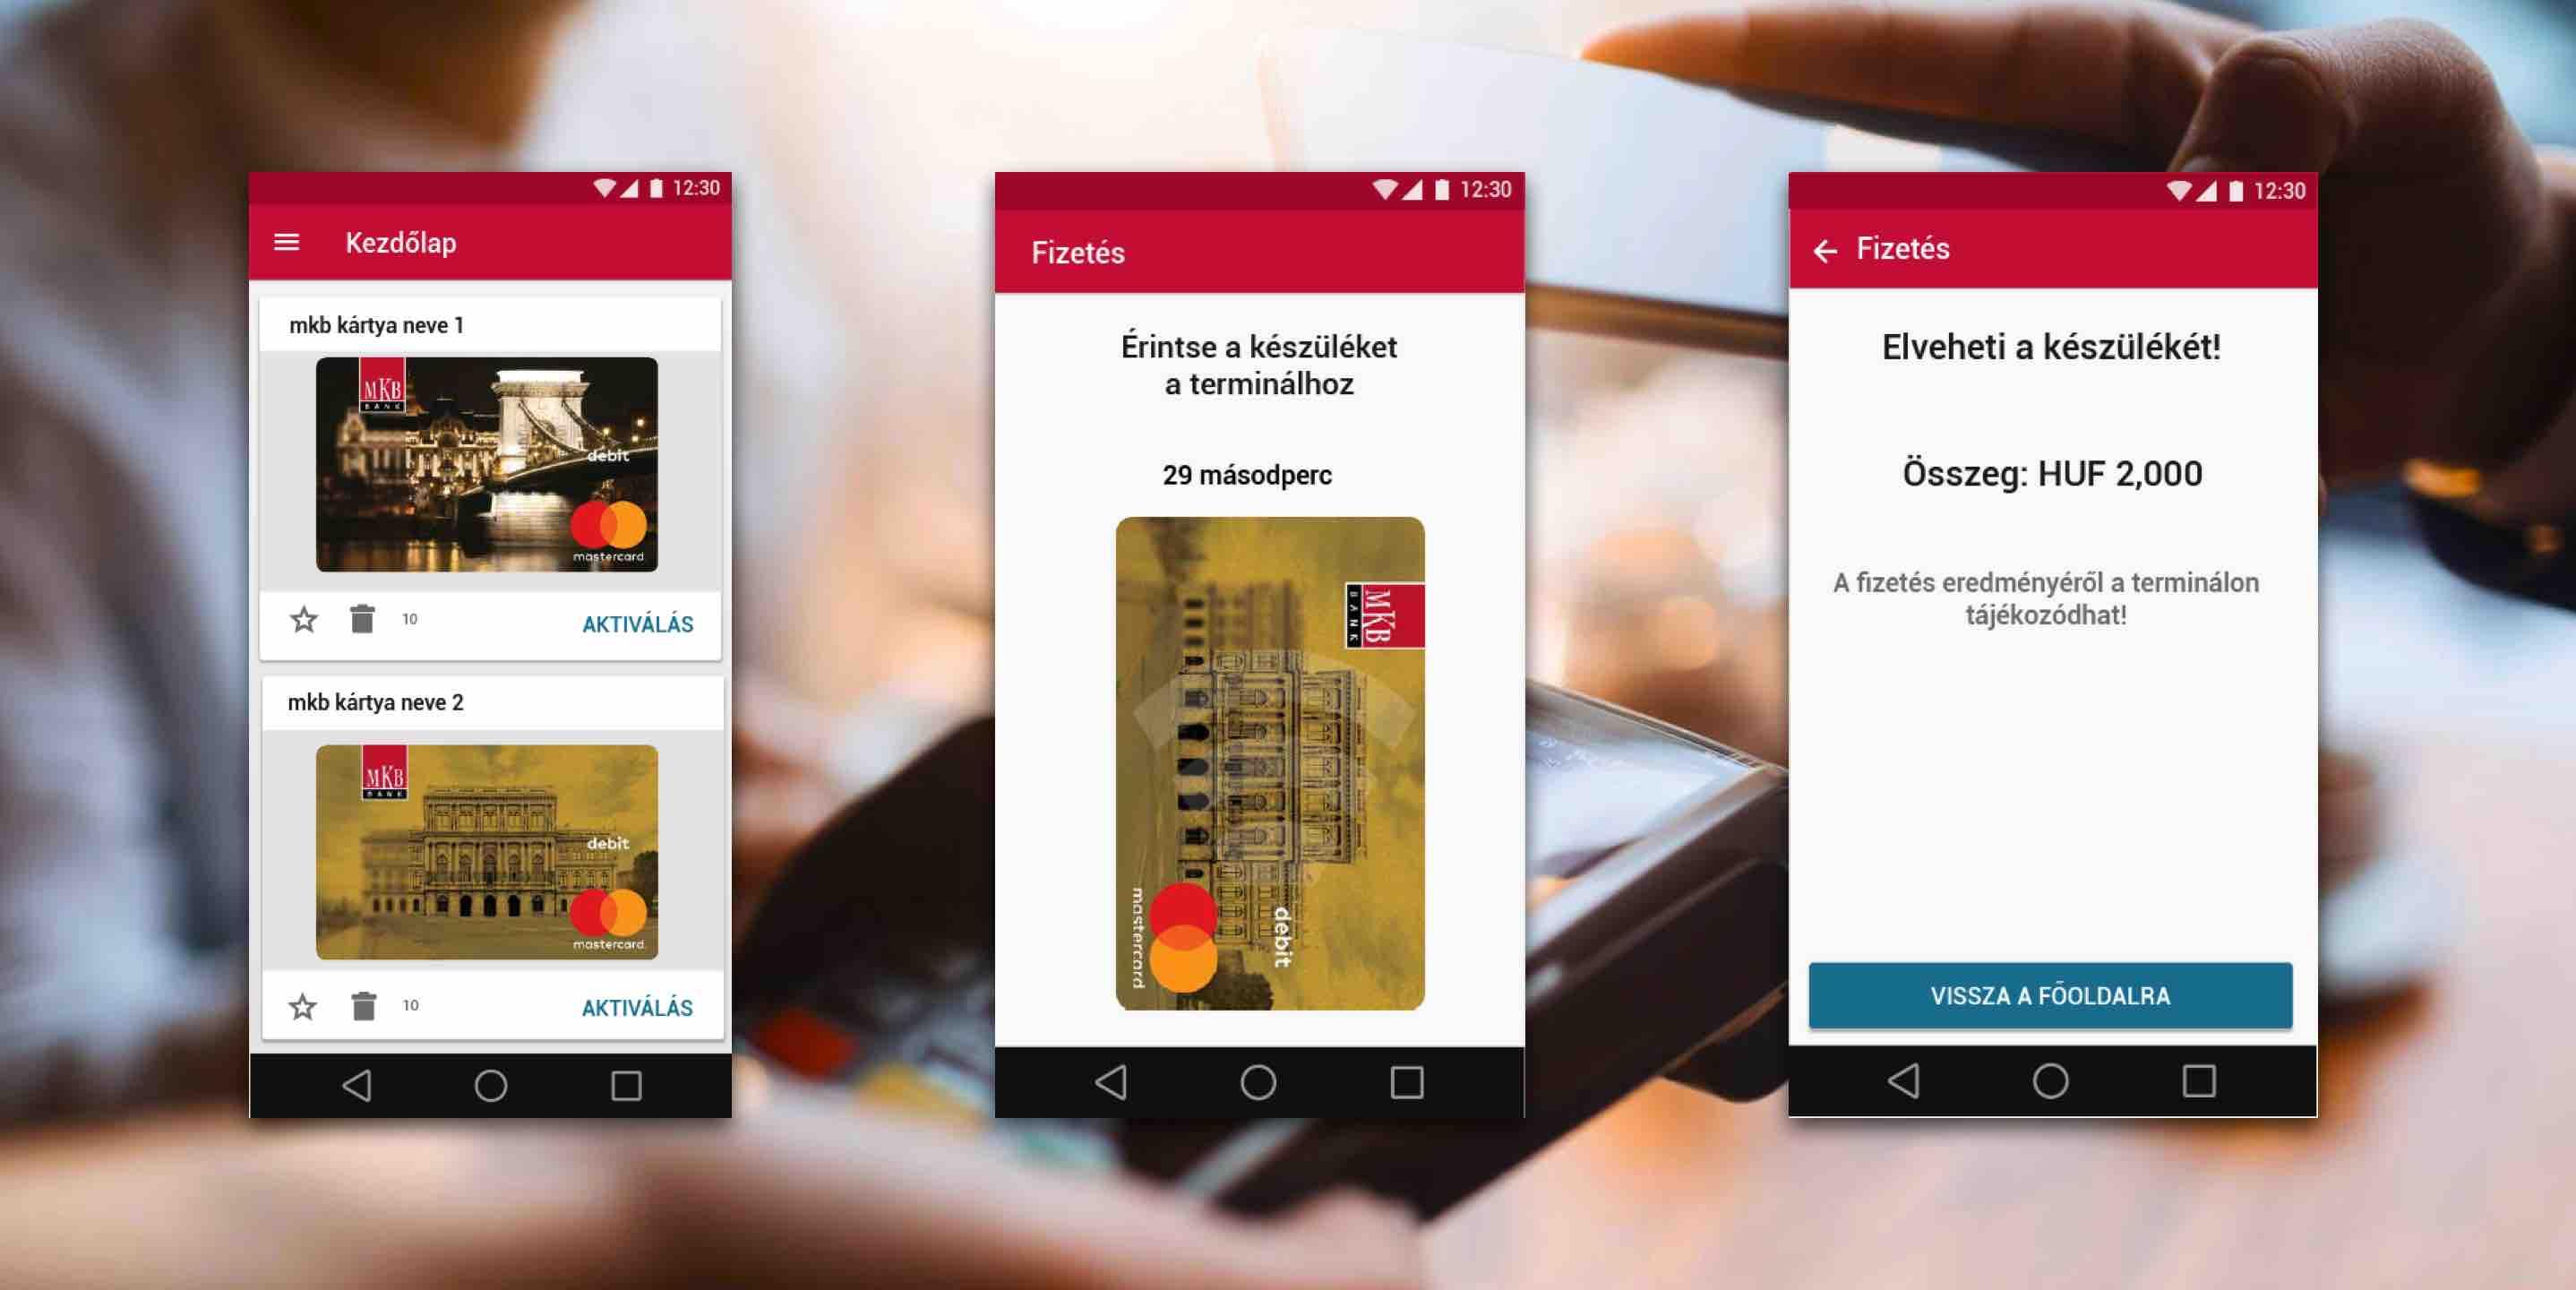 MKB Pay mobilfizetés mobiltárca